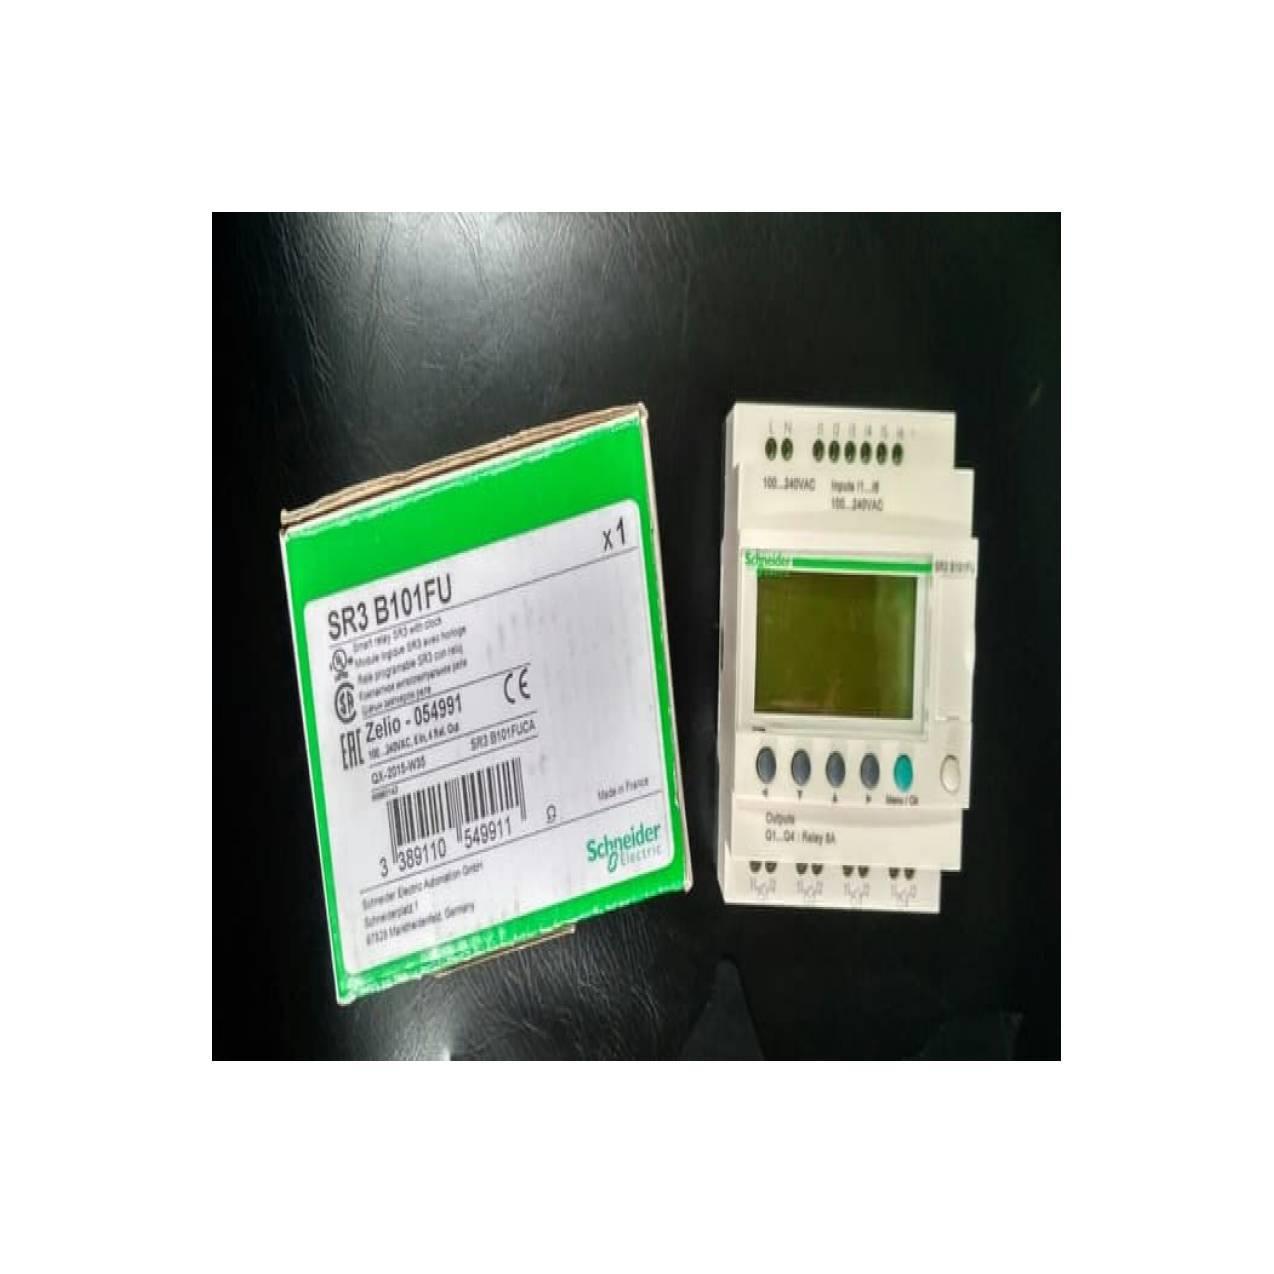 SCHNEIDER SR3B101FU PLC ZELIO Modular Smart Relay 10 I O 100 240 V AC